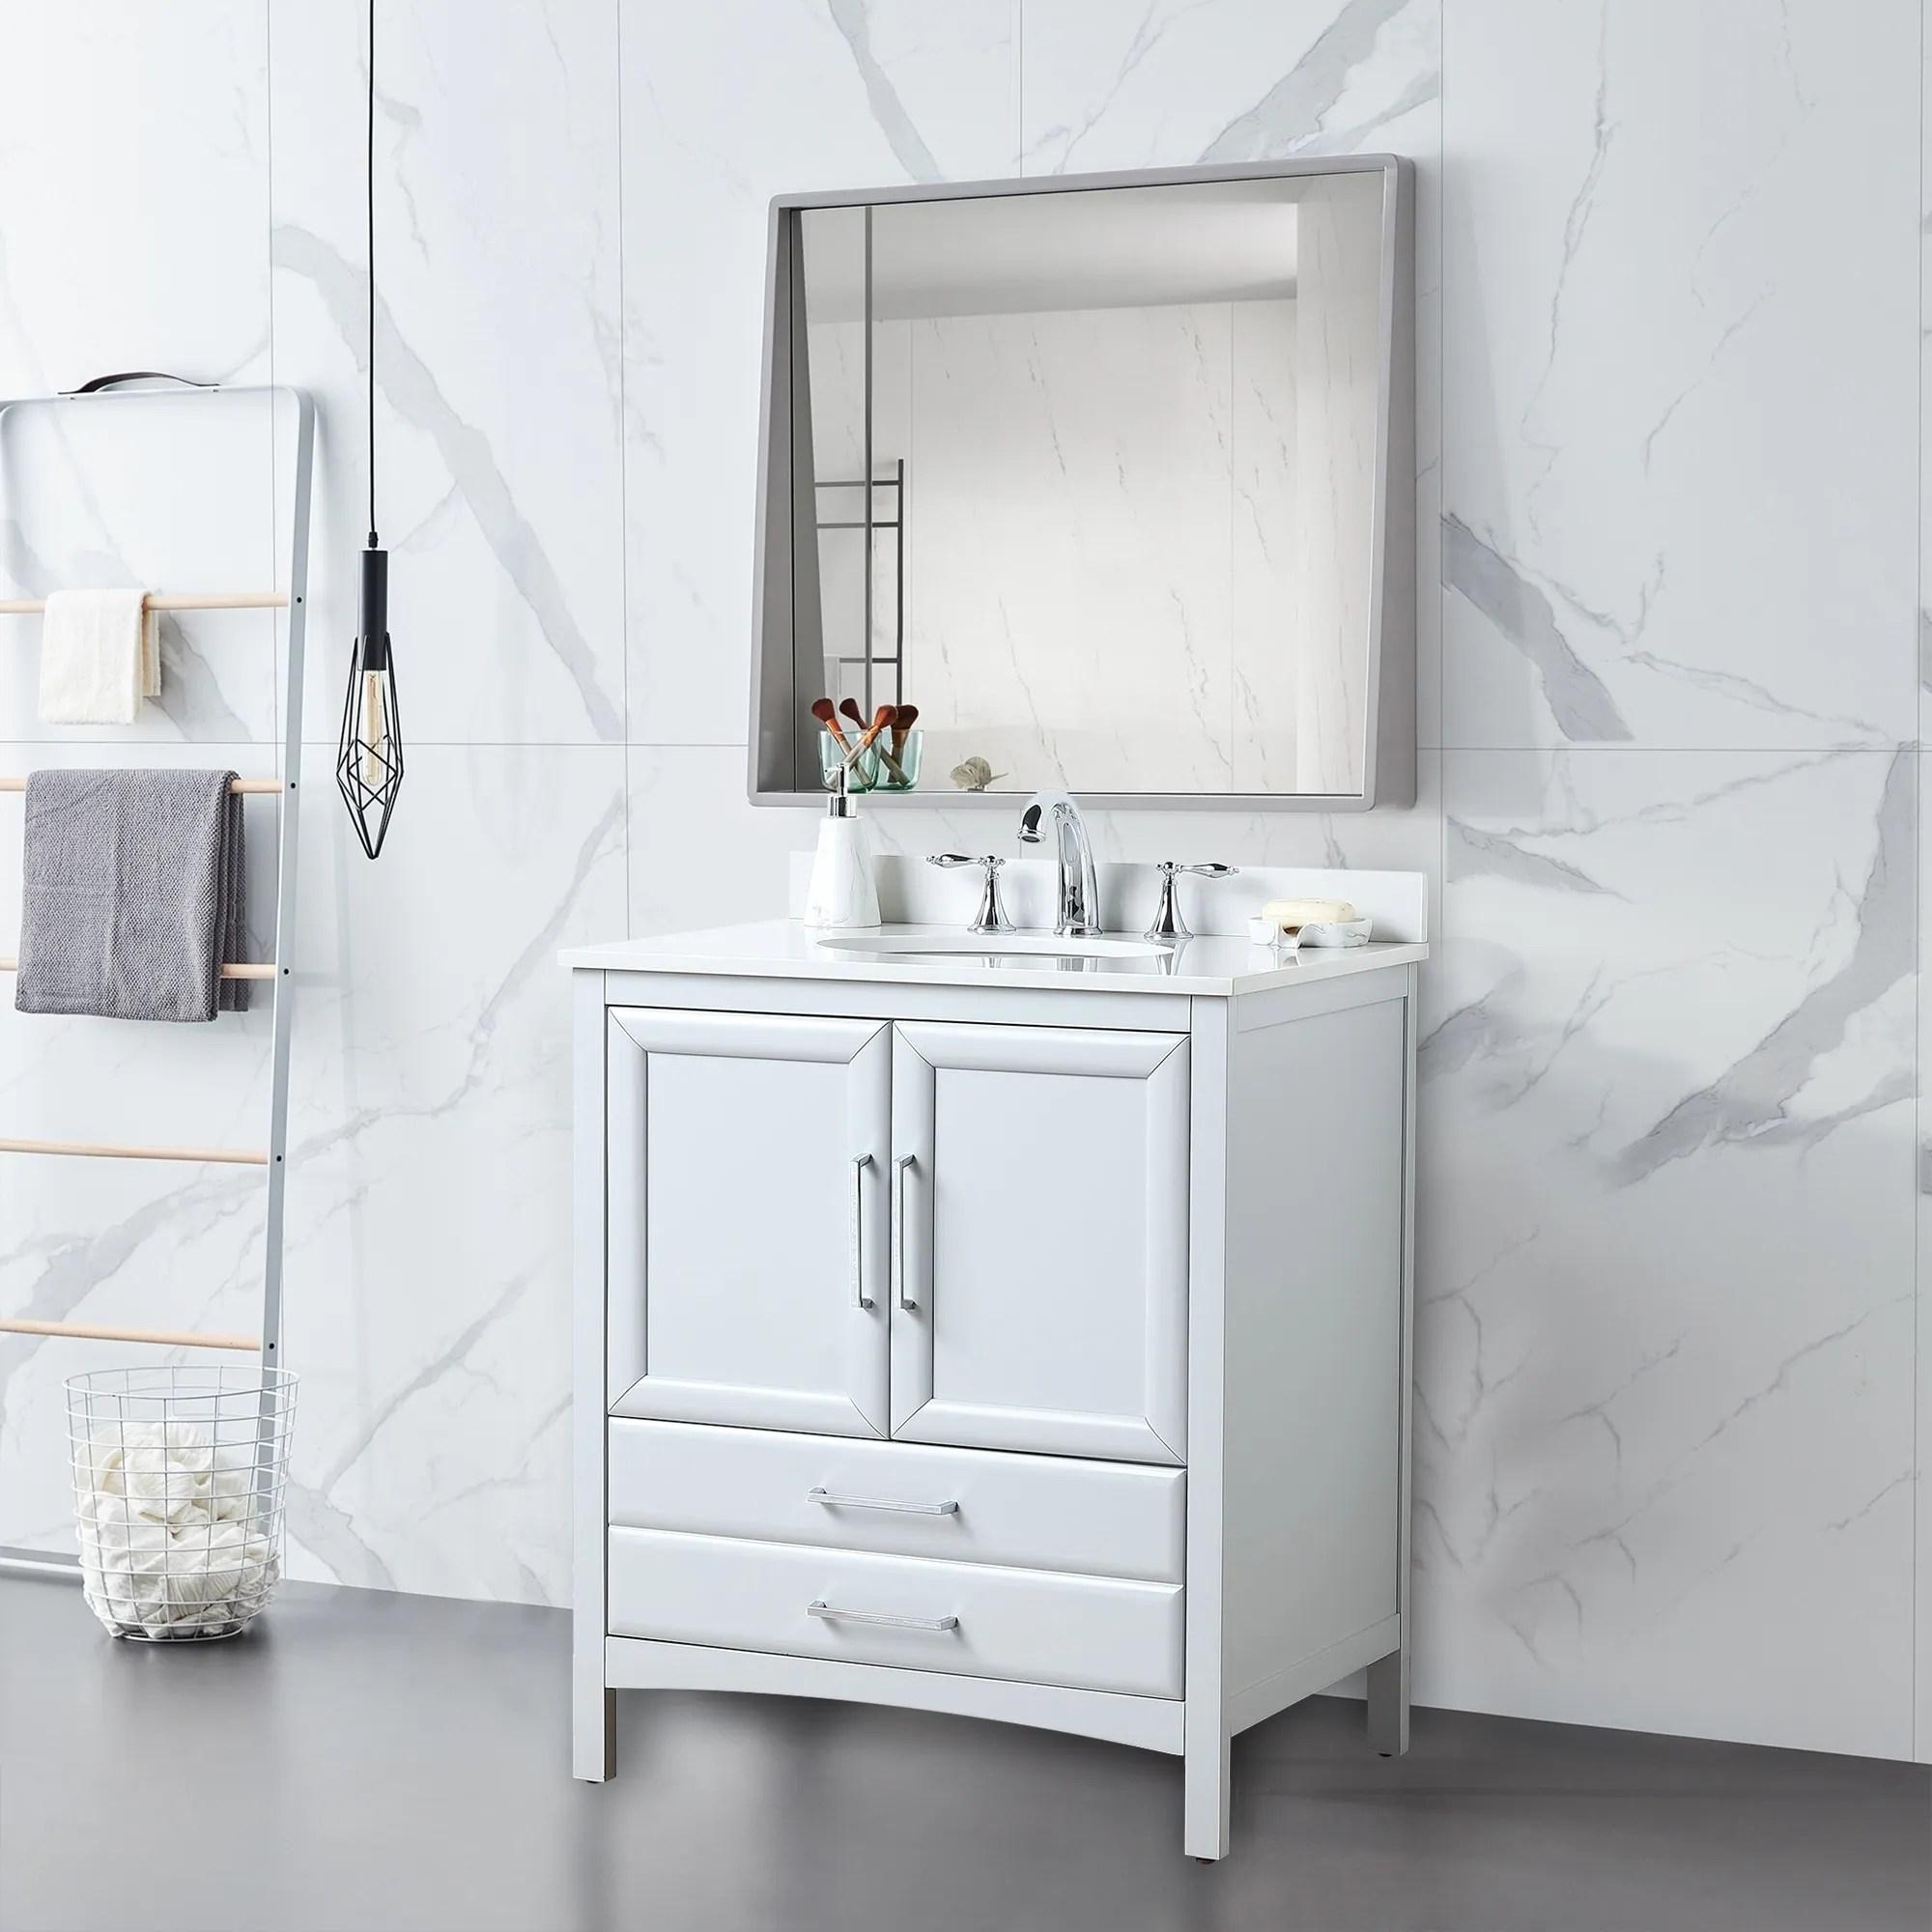 vanity art 30 single sink bathroom vanity set 1 shelf 2 drawers small bathroom storage floor cabinet with white marble top